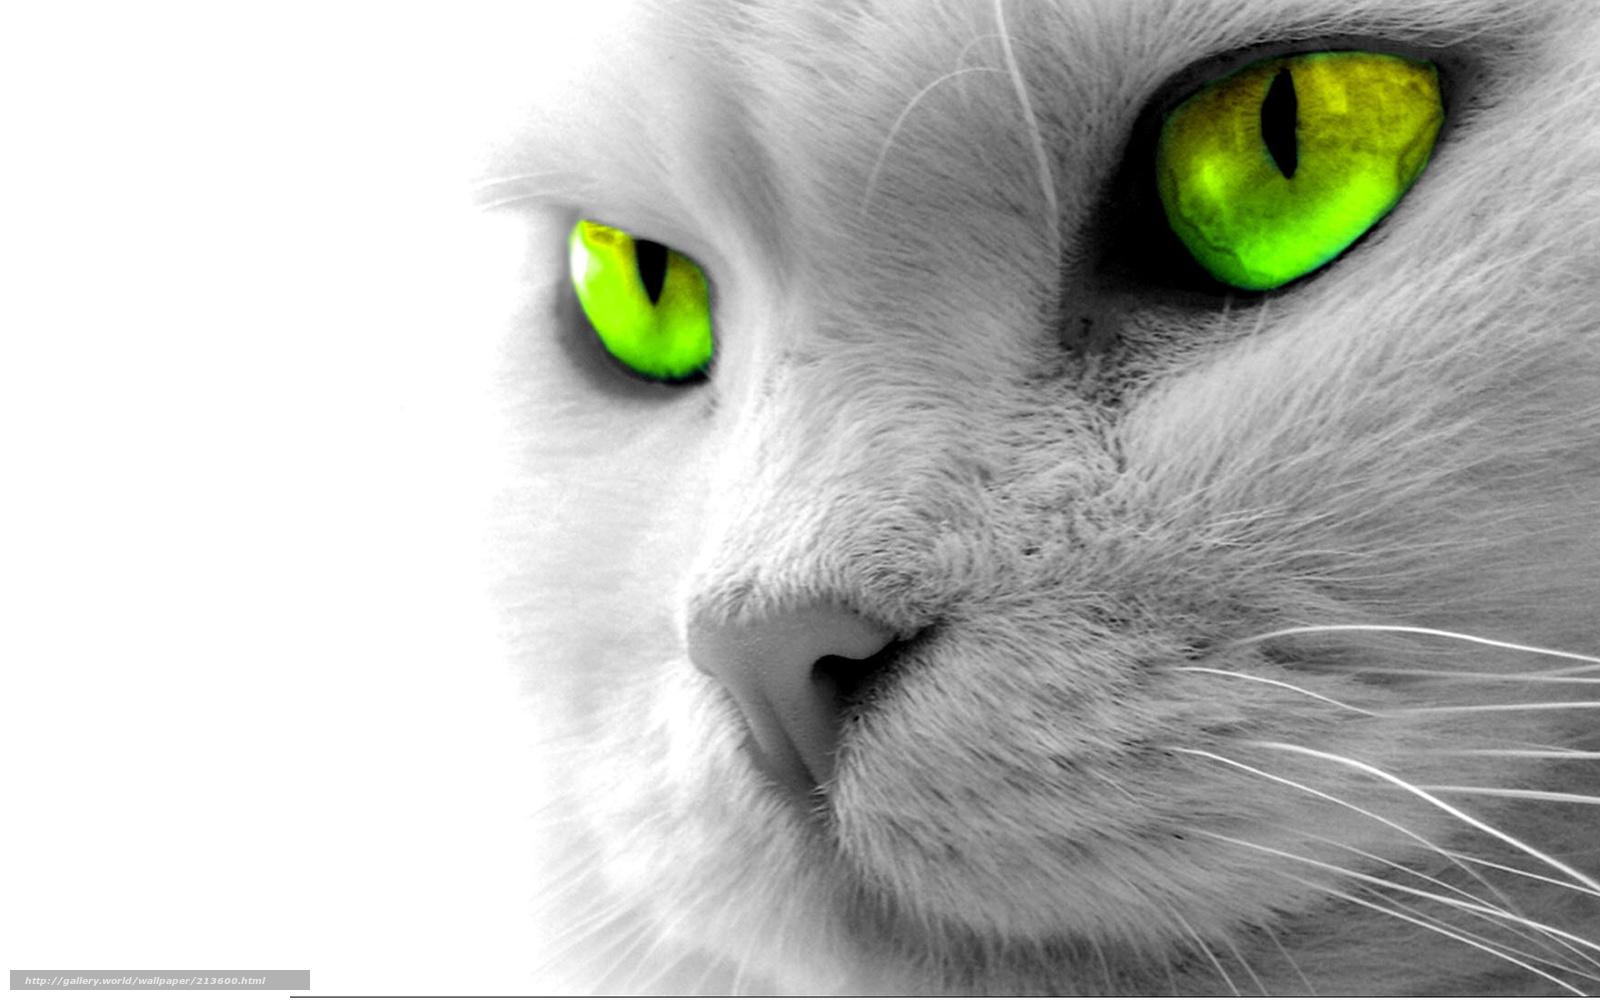 Tlcharger fond d 39 ecran chat gris yeux vert fonds d 39 ecran gratuits pour votre rsolution du - Yeux gris vert ...